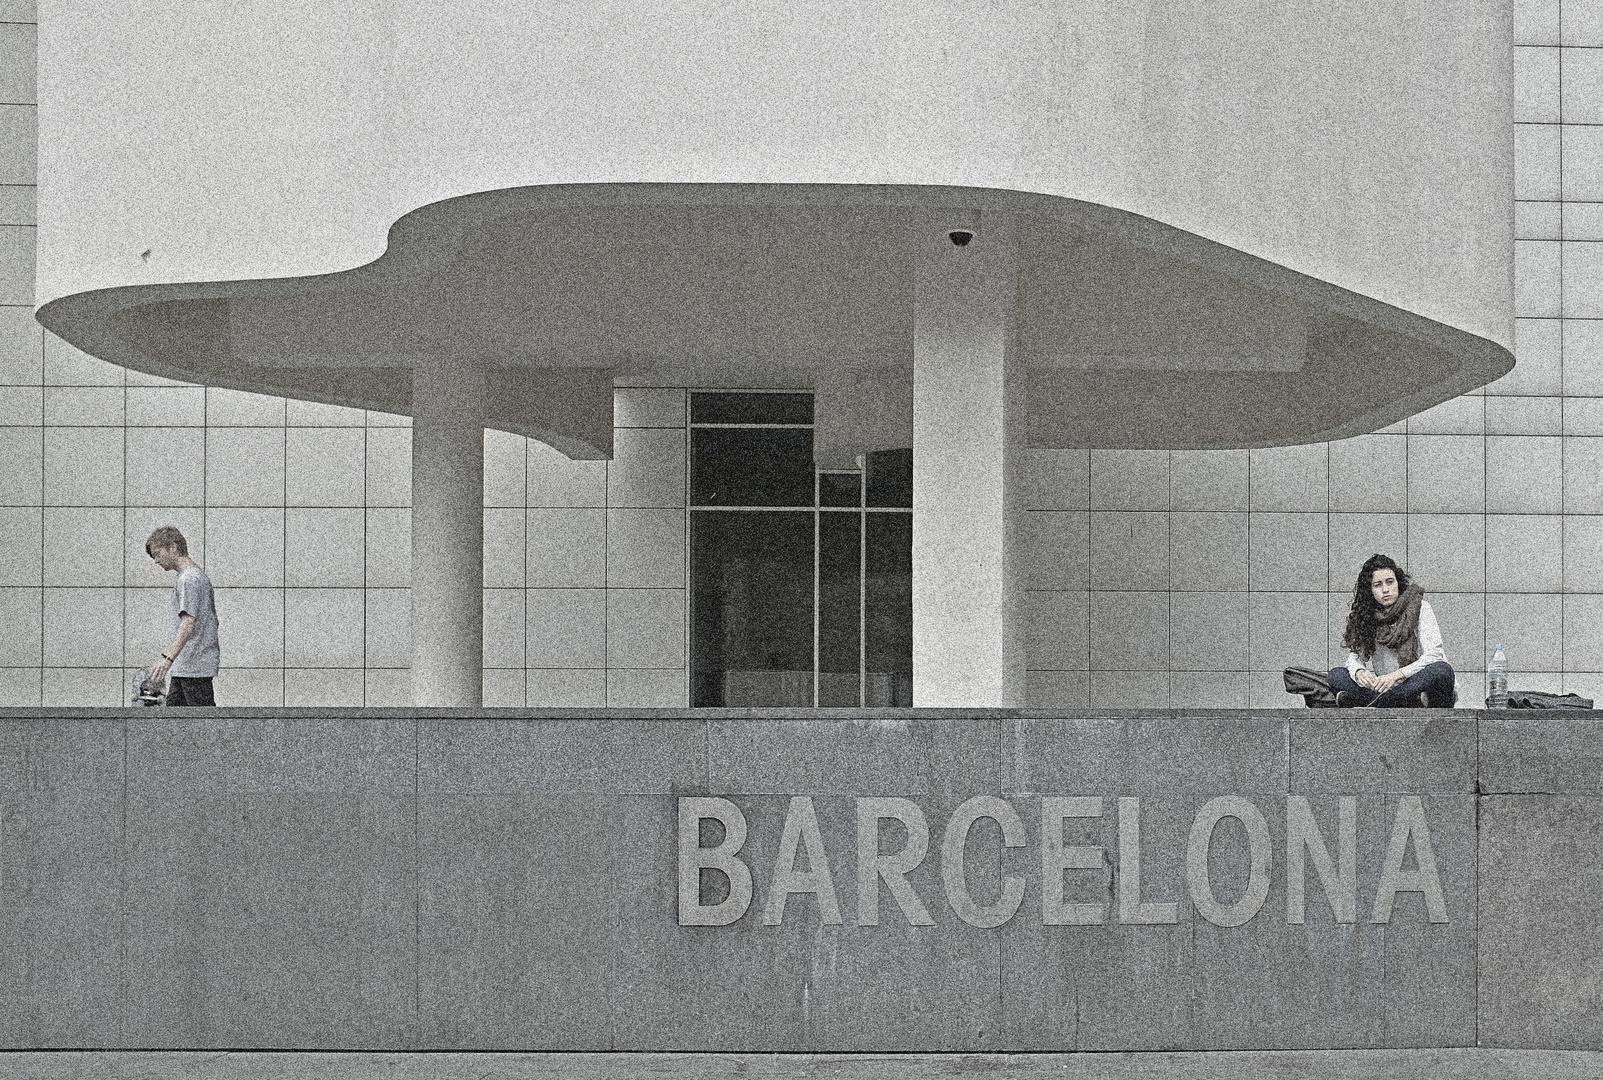 El ruido de Barcelona